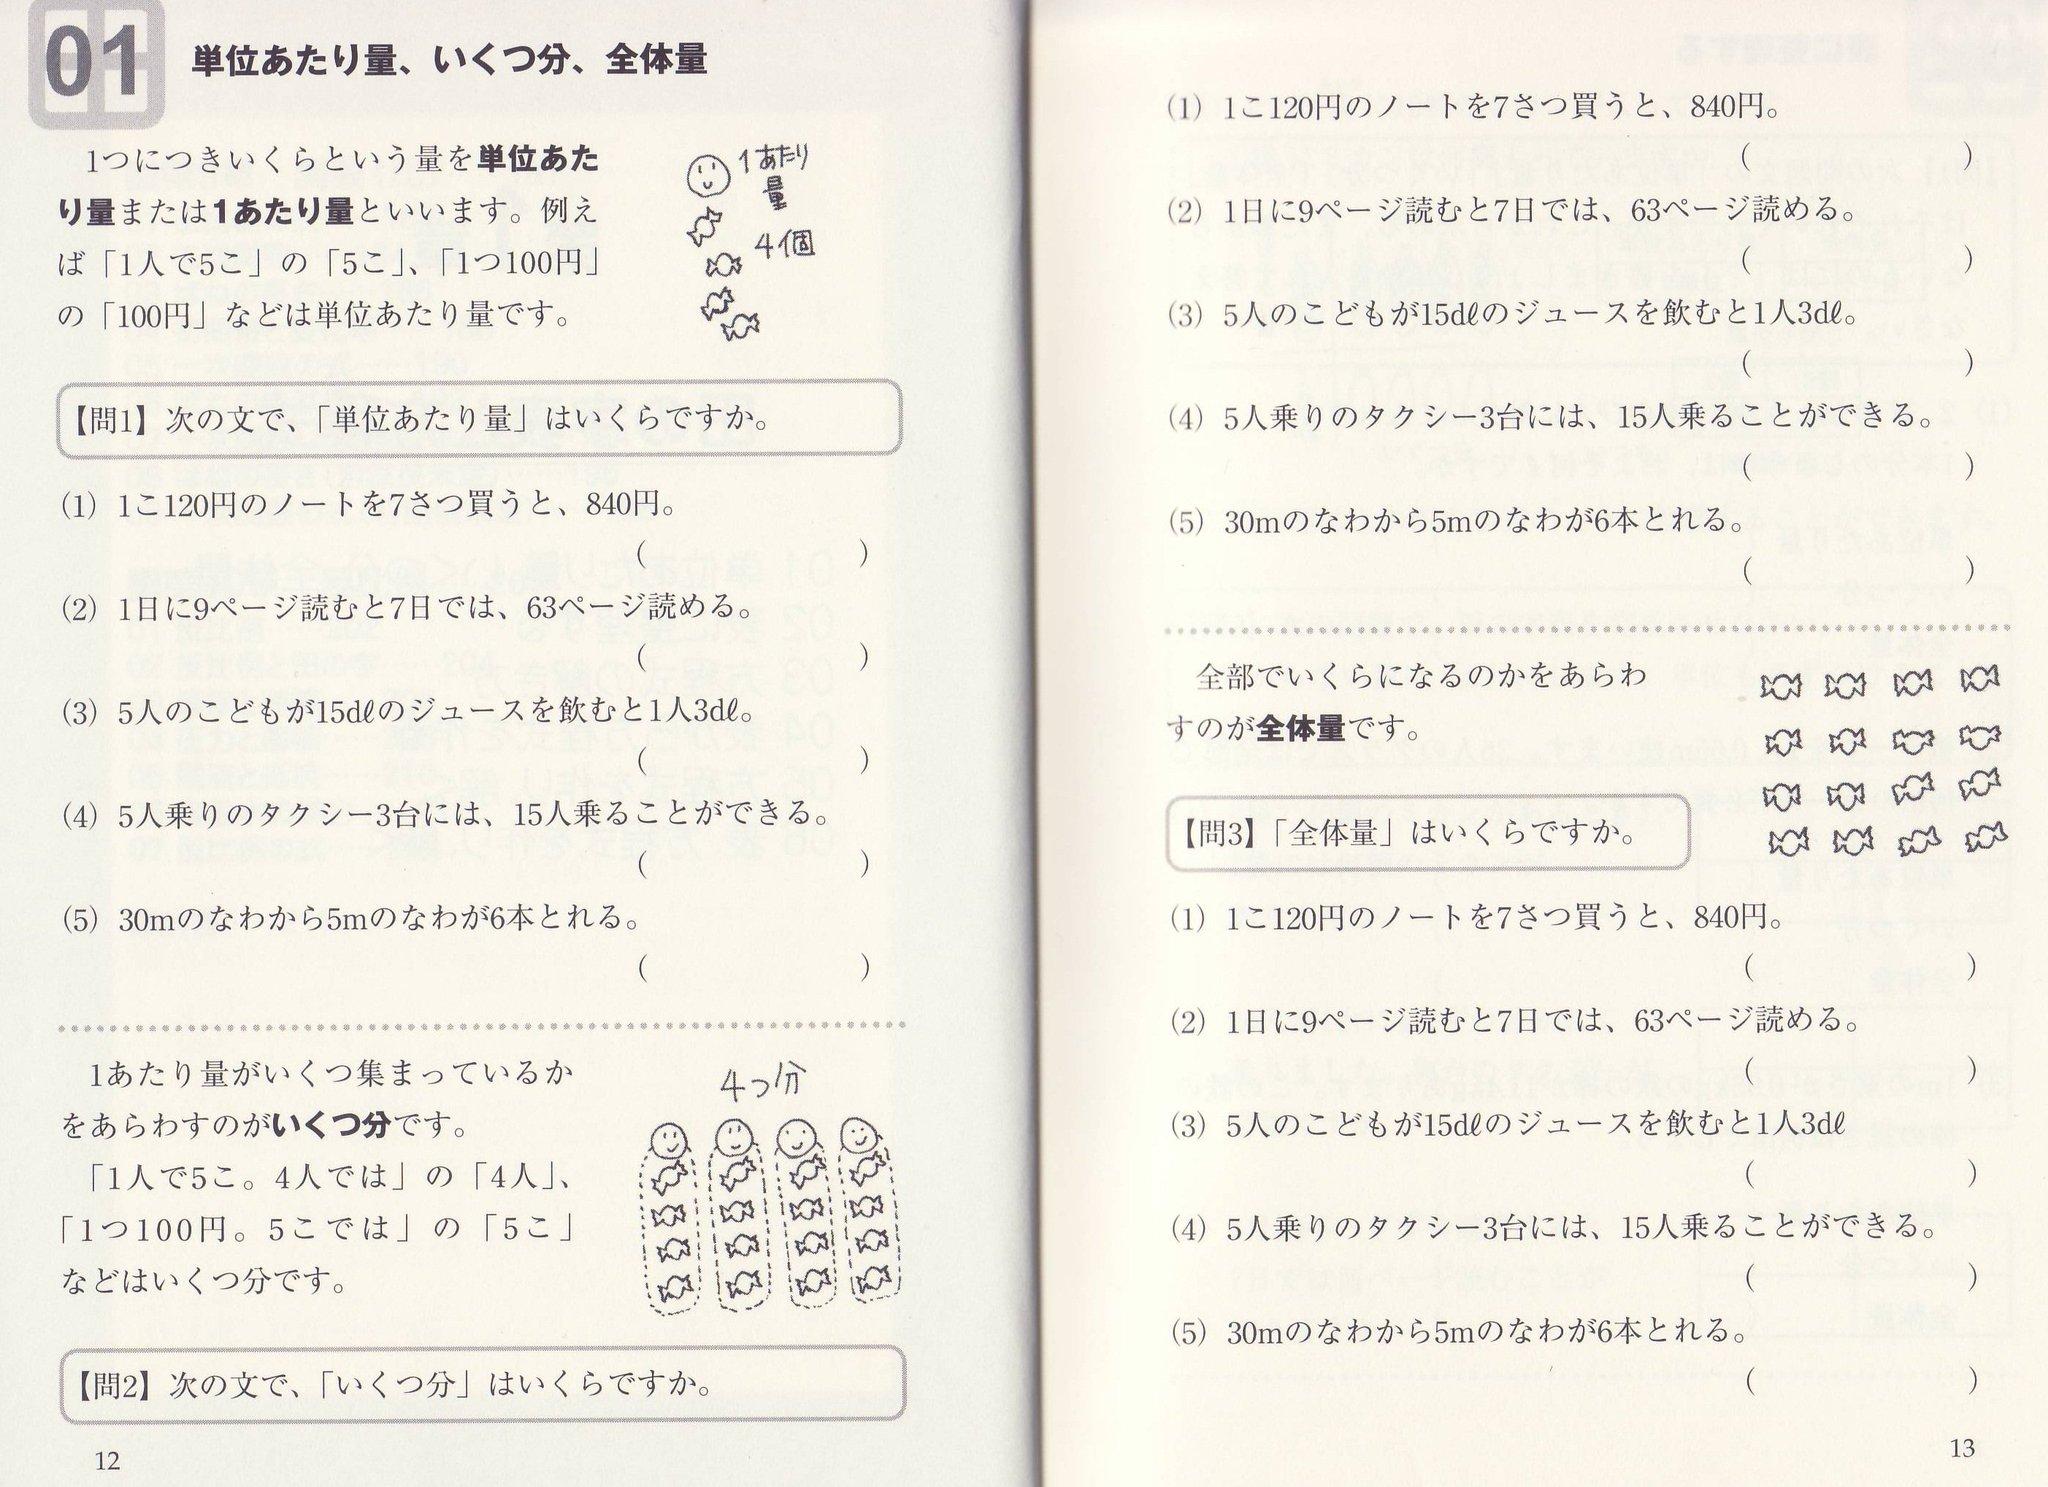 積分定数 On Twitter 仲松氏は掛け算の順序でバツにすること